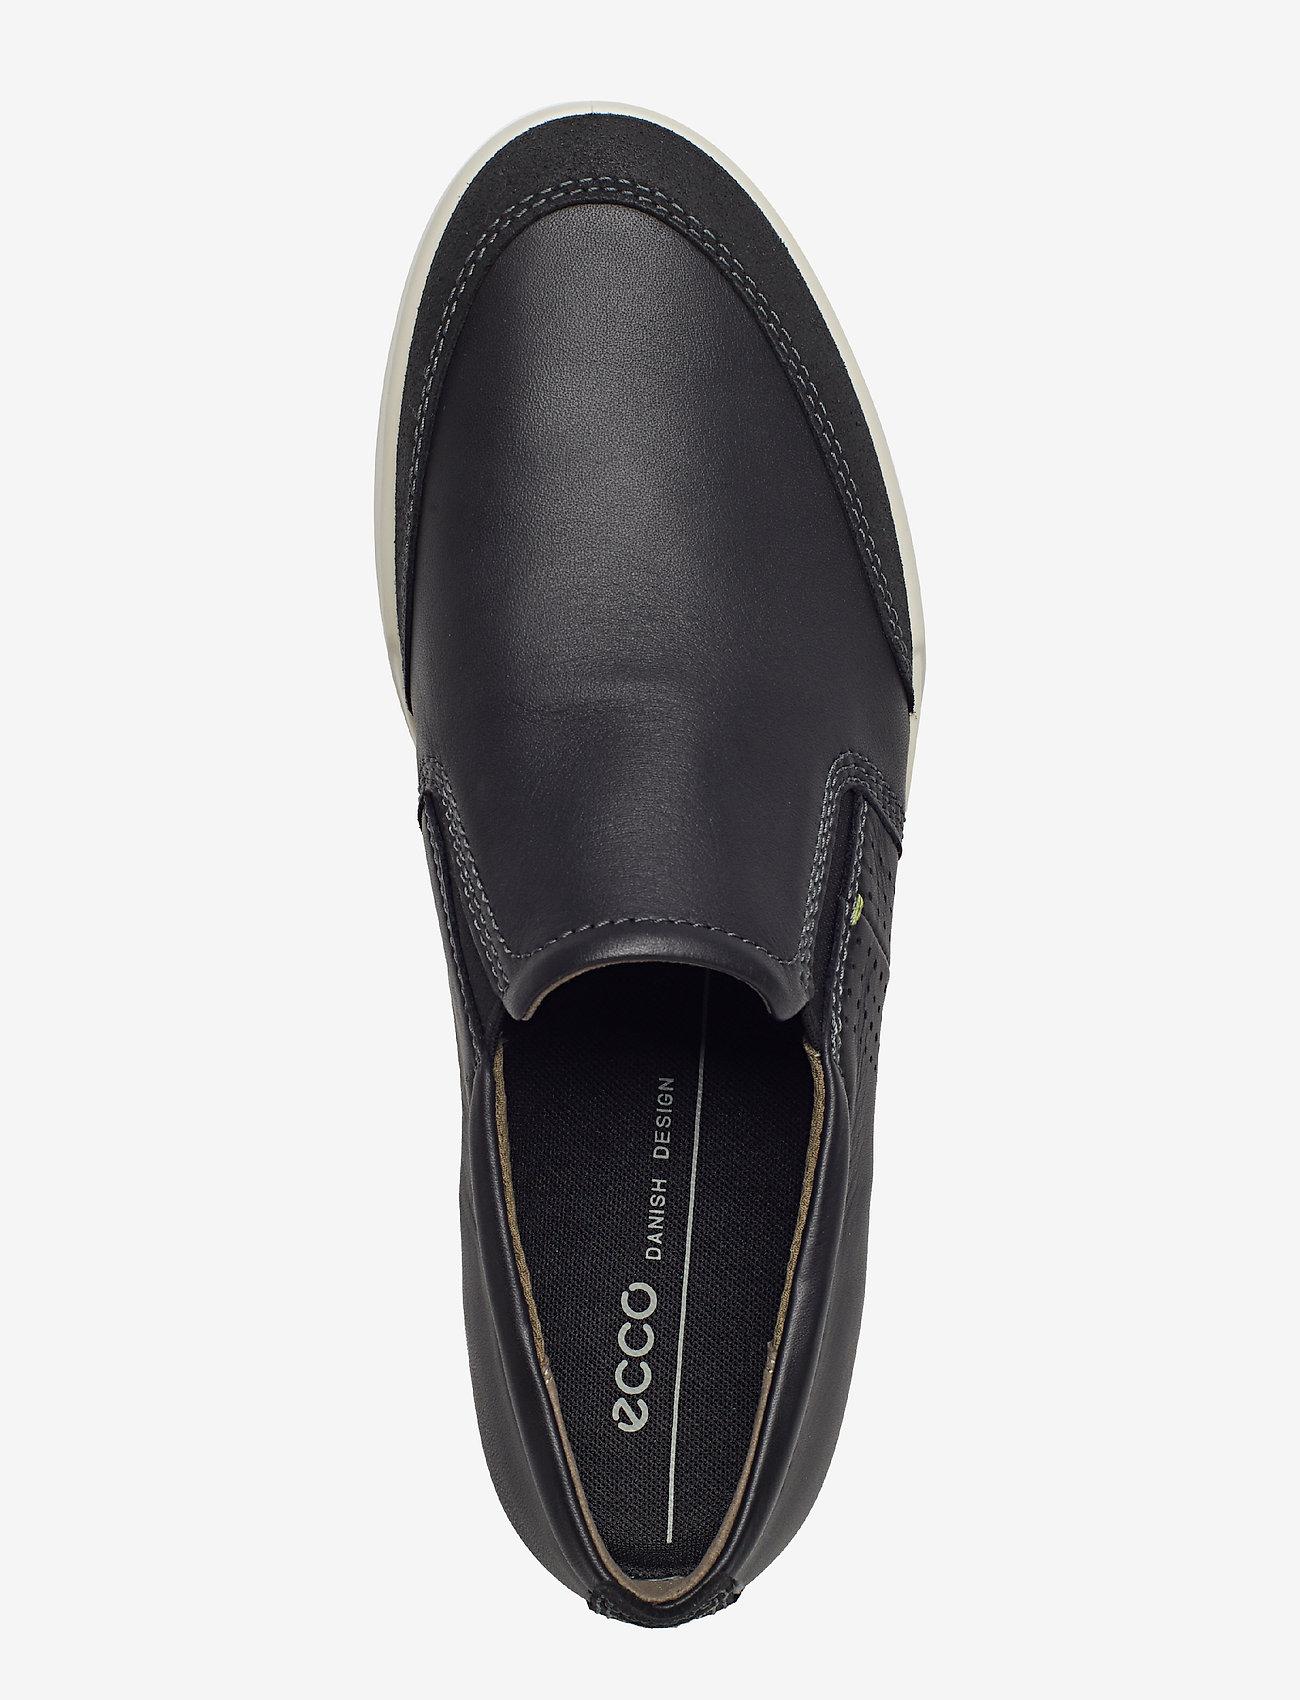 Collin 2.0 (Black/black) - ECCO